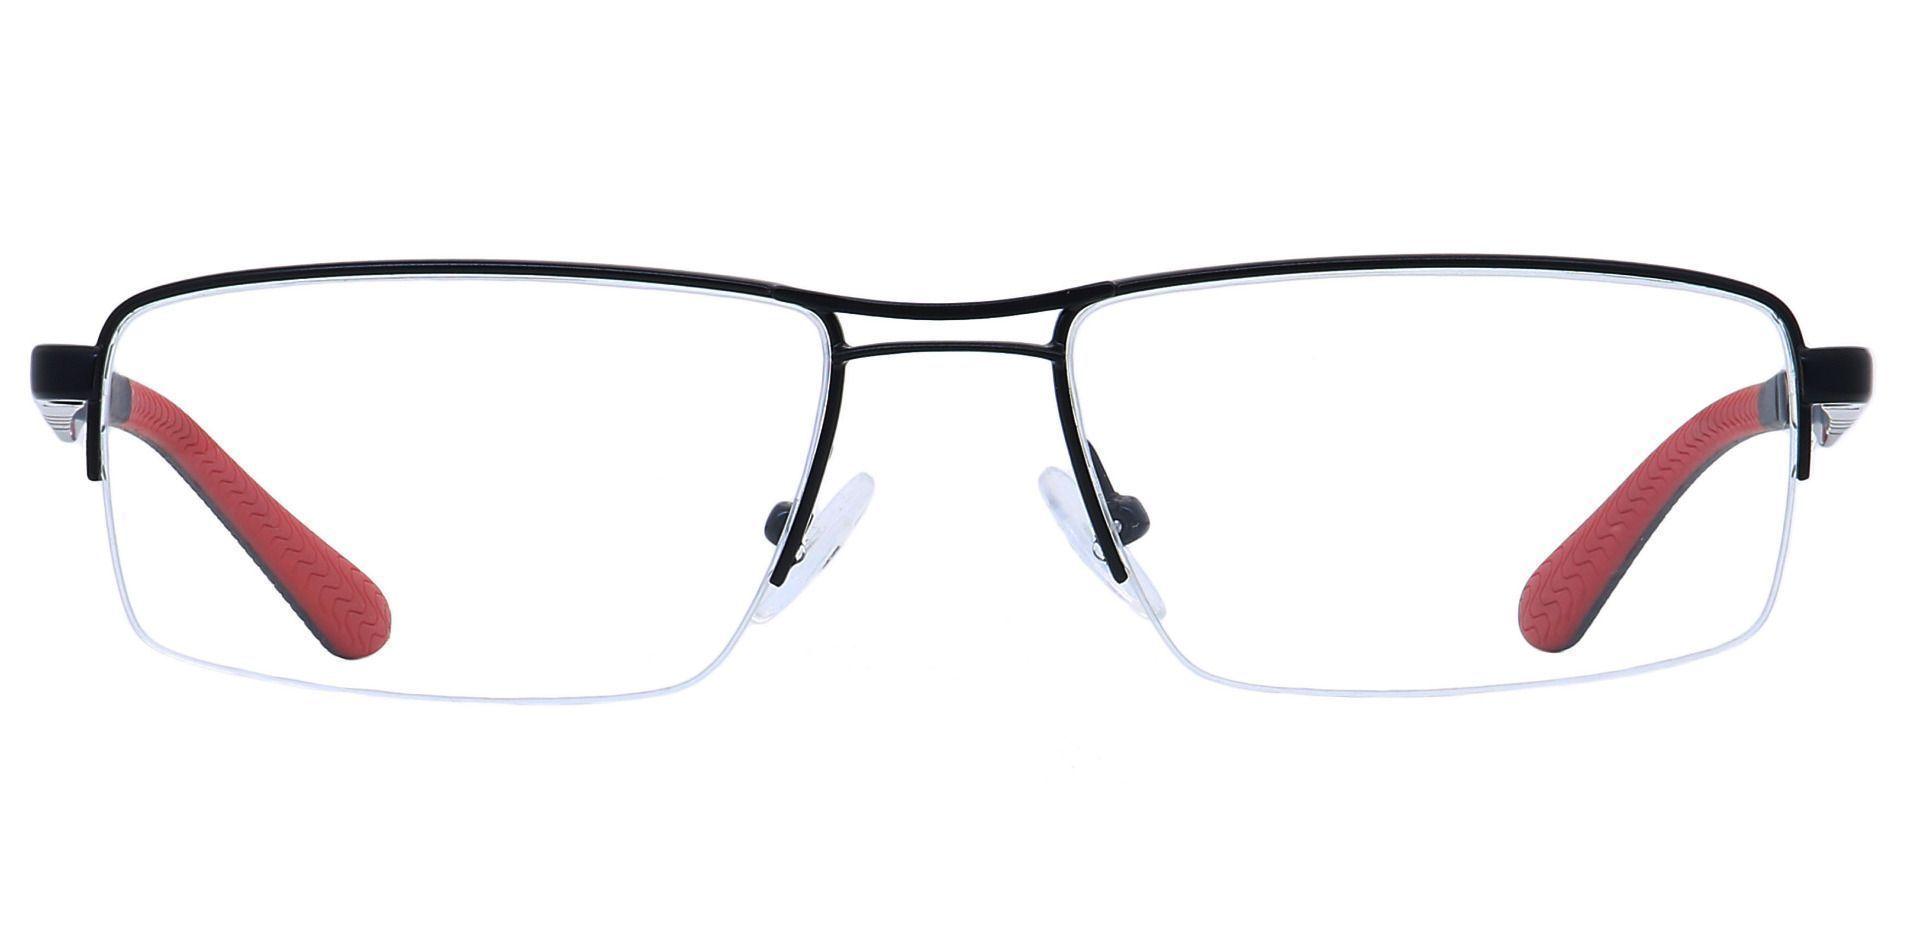 Willow Rectangle Prescription Glasses - Black